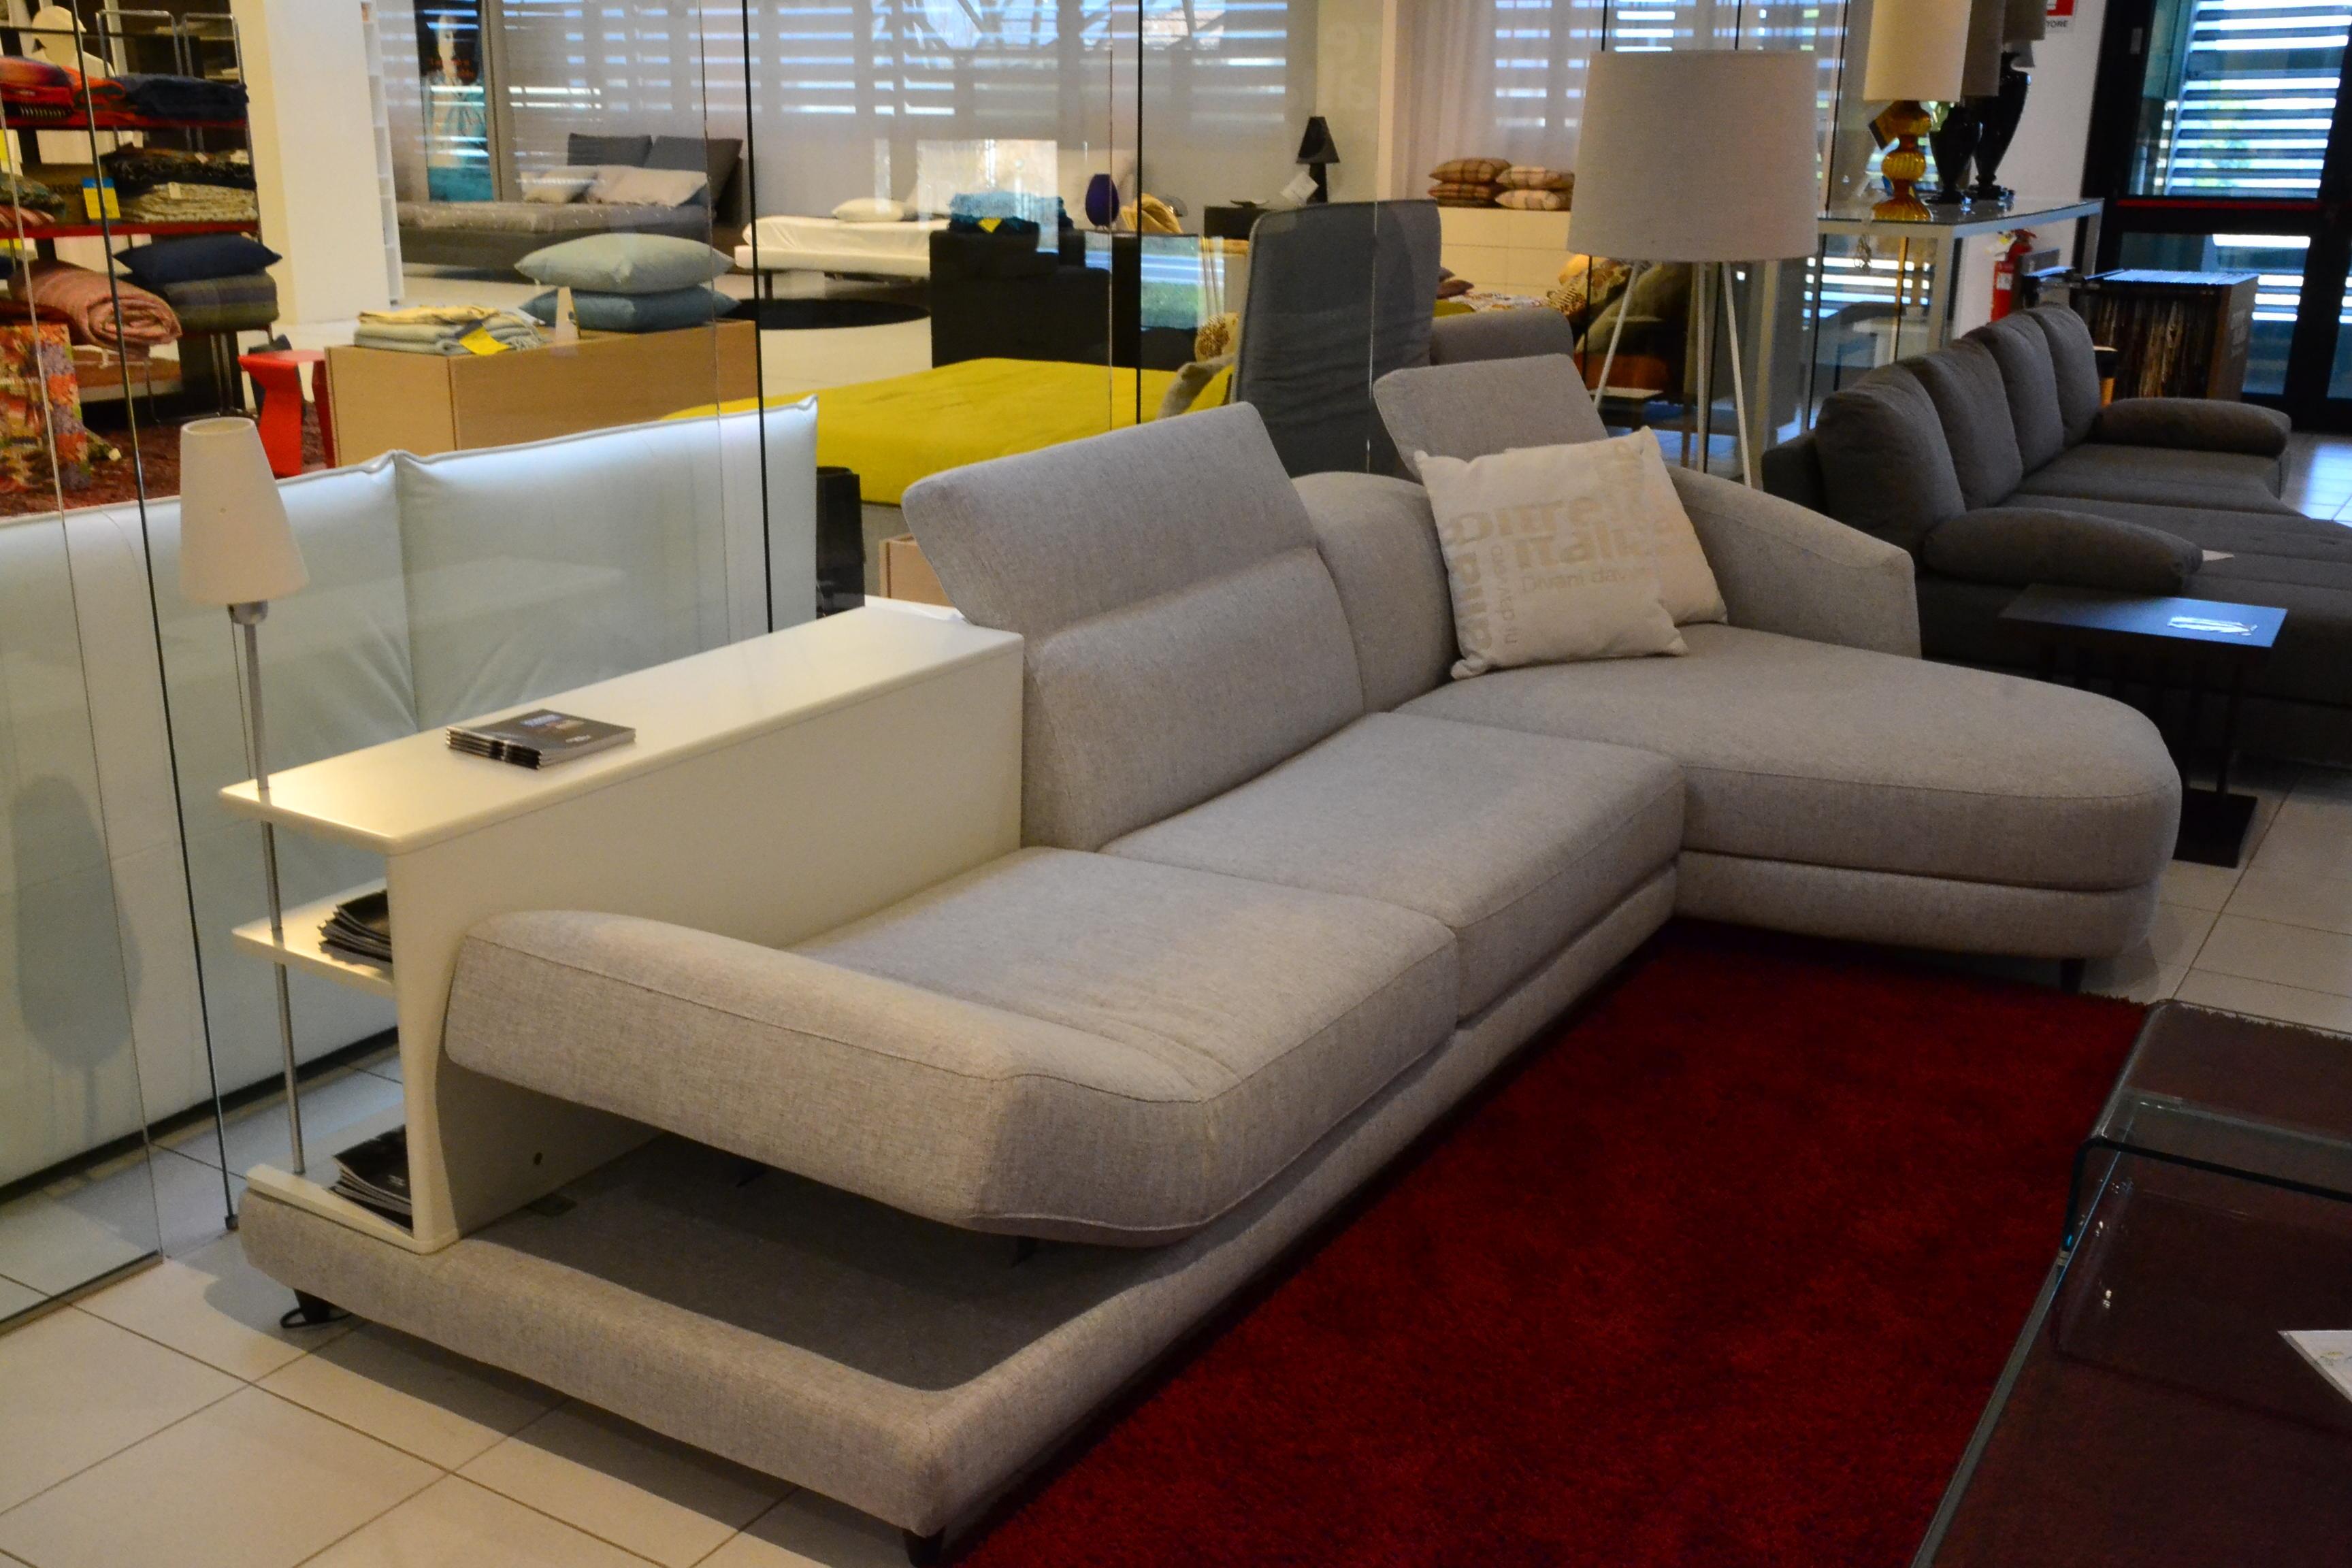 Divano ditre italia dunn sottocosto divani a prezzi scontati for Di tre italia